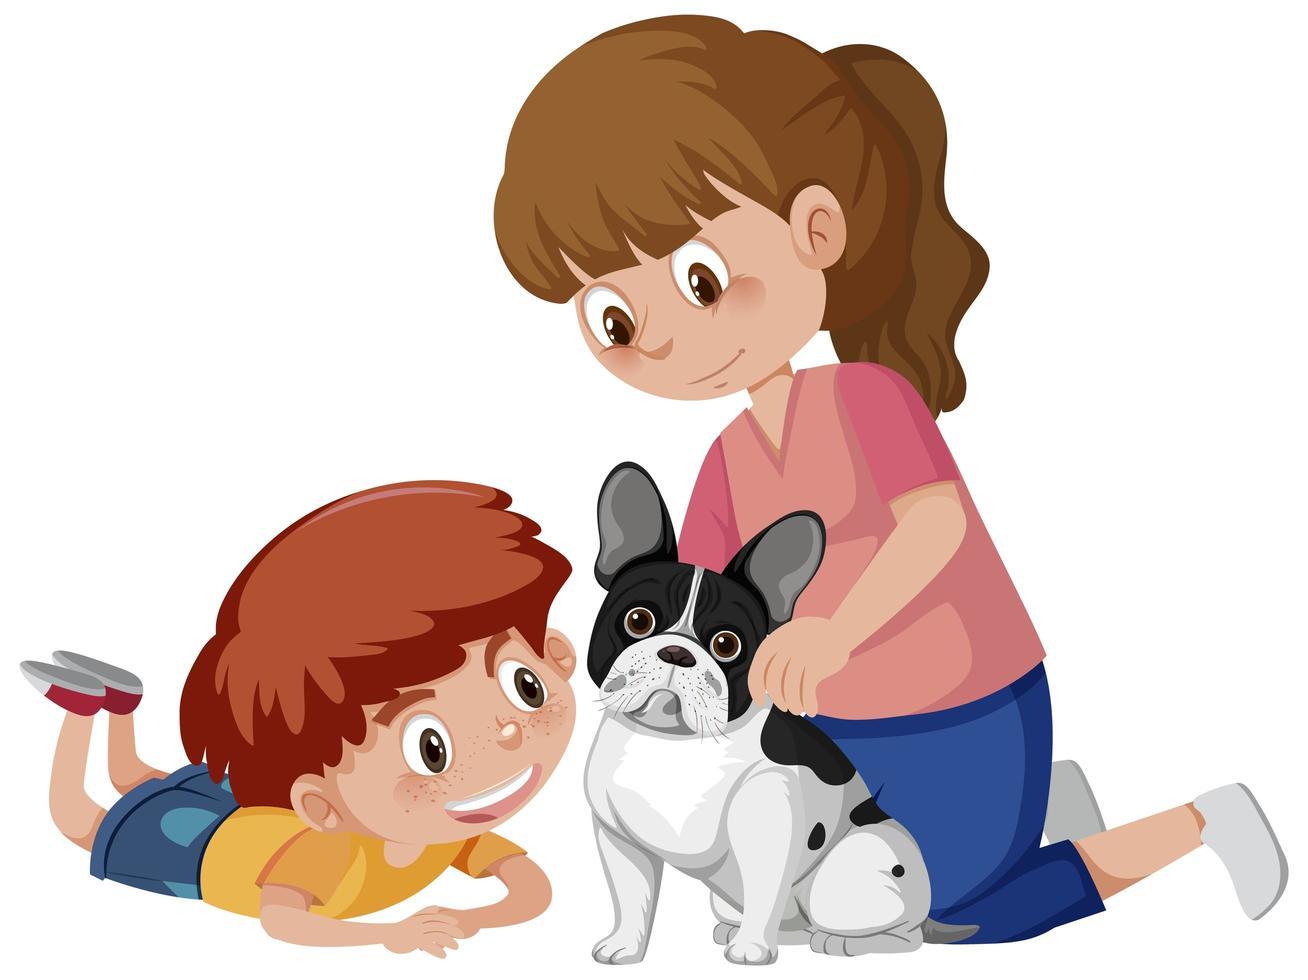 zwei Kinder, die mit niedlichem Hund auf weißem Hintergrund spielen vektor